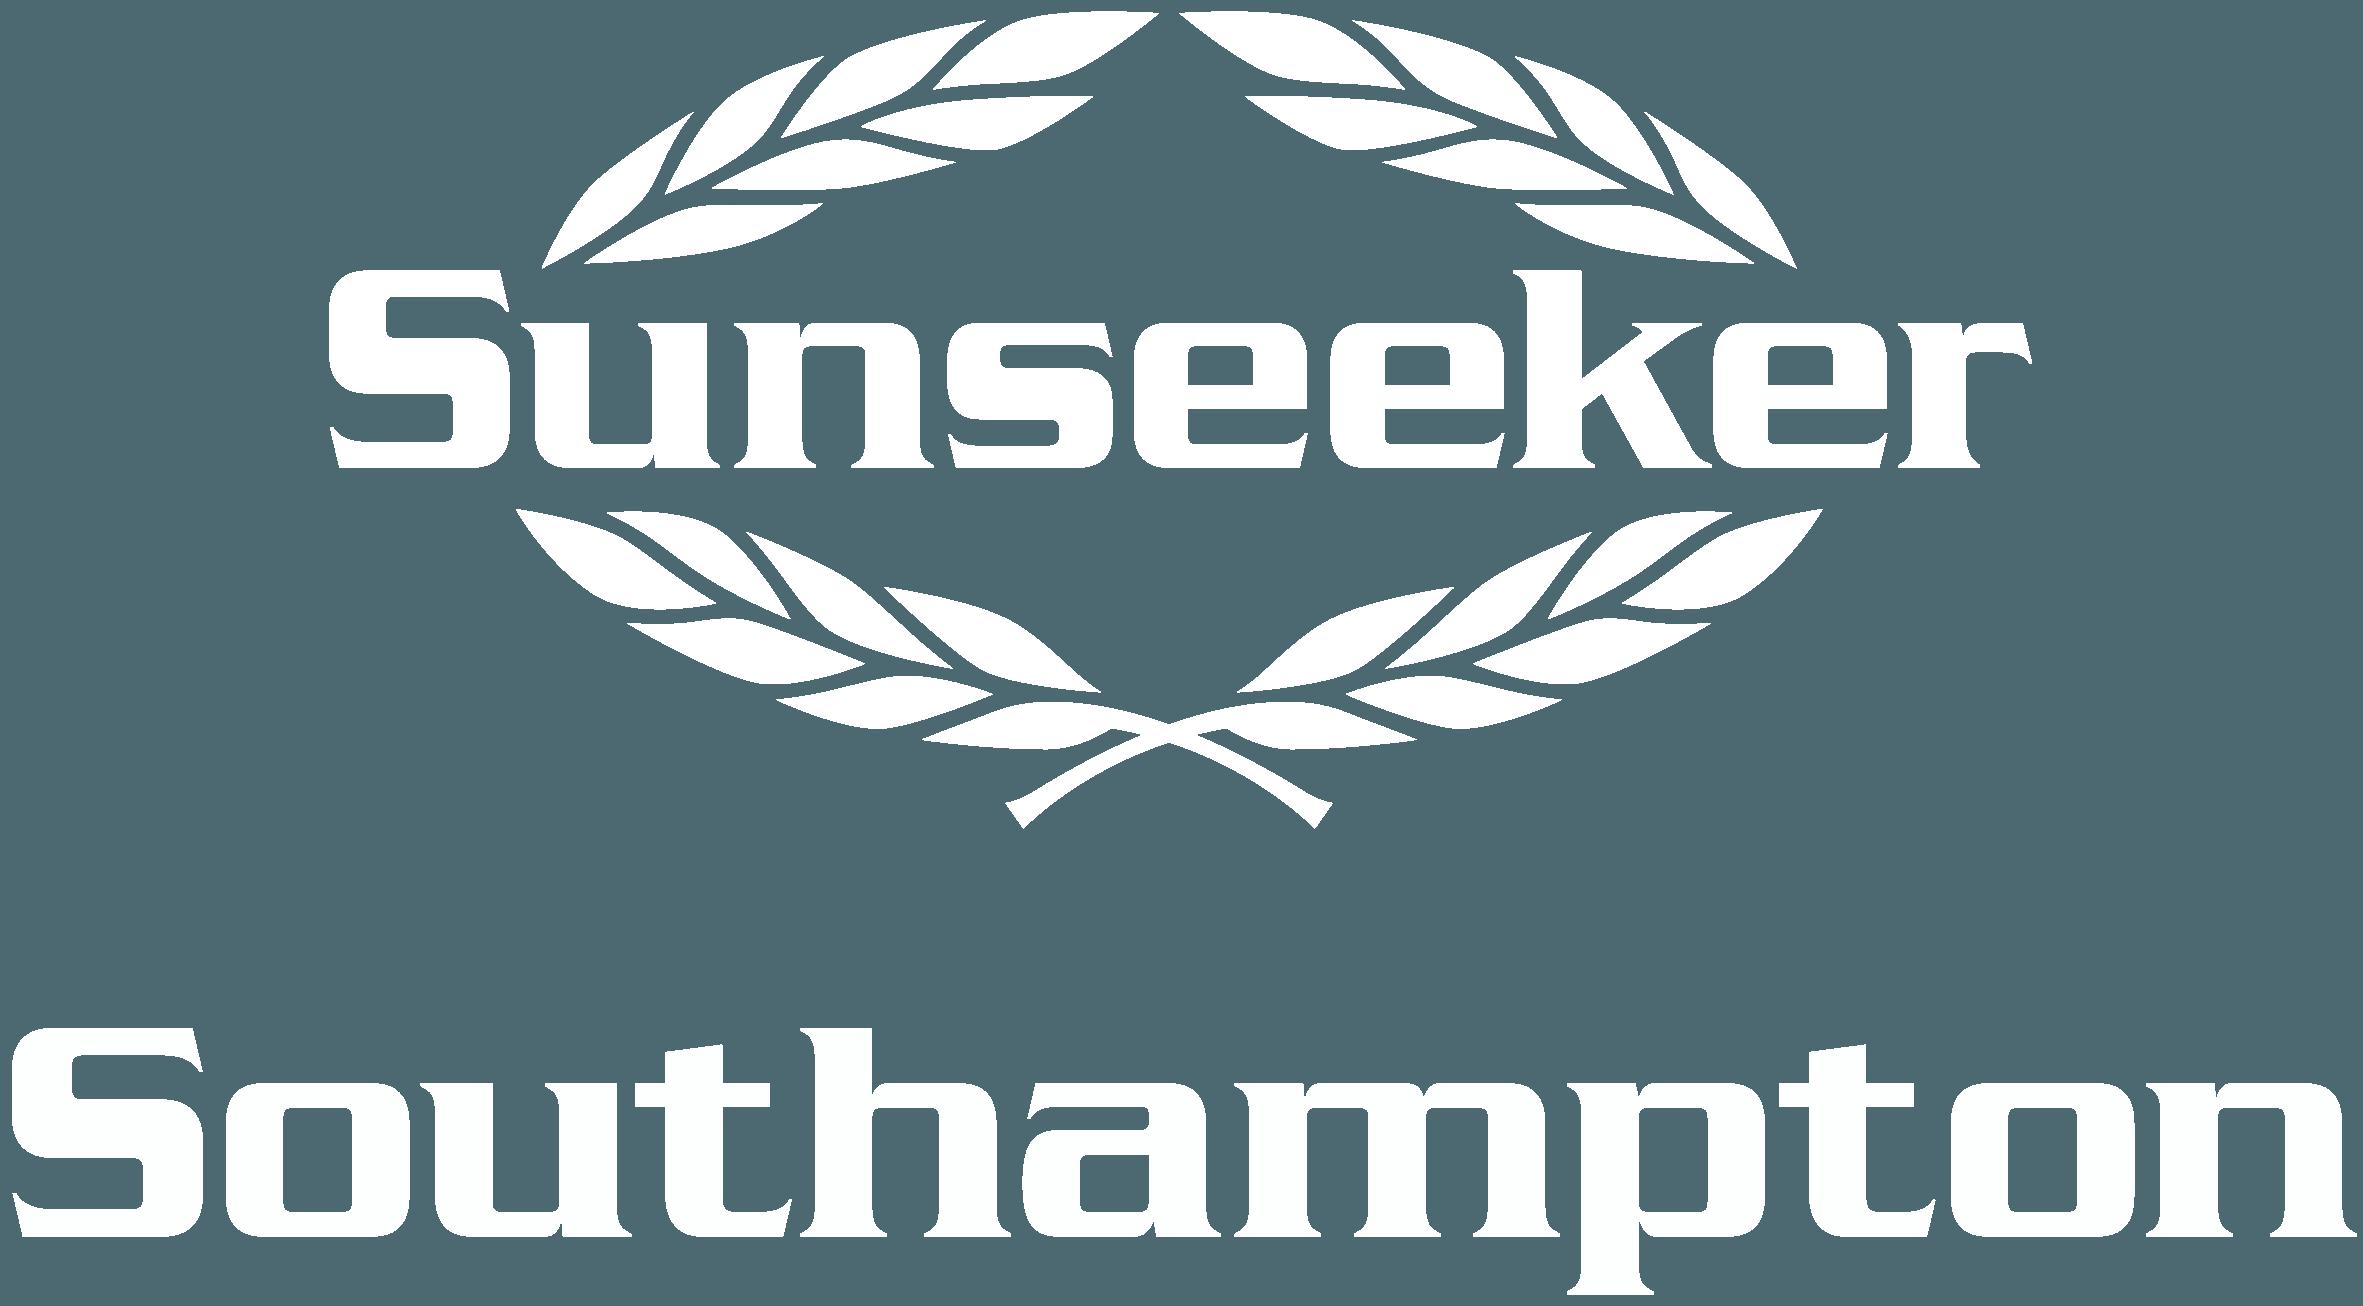 SUNSEEKER SOUTHAMPTON